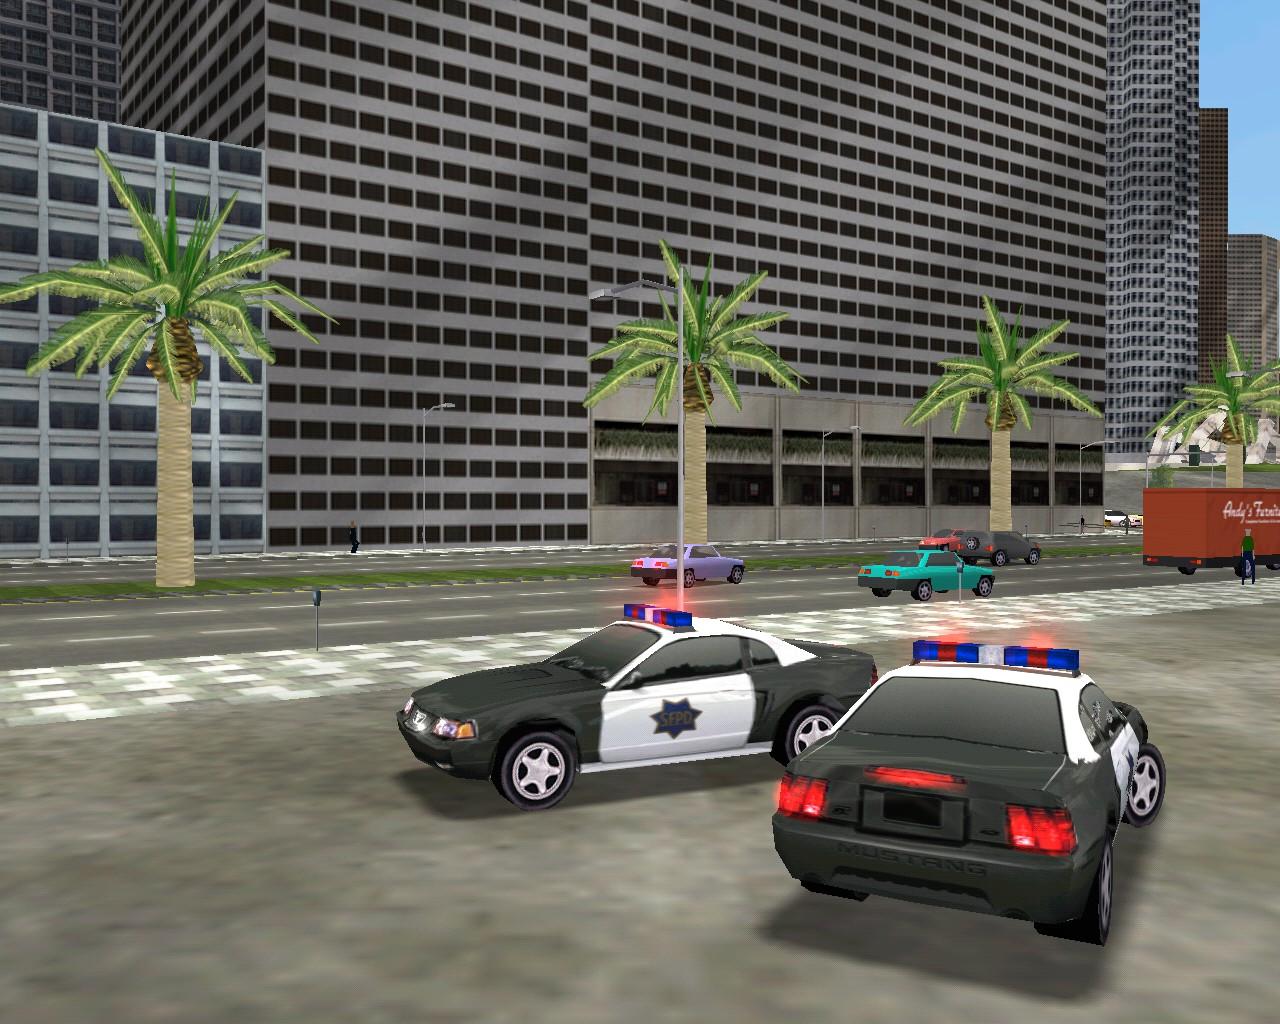 Category:Cars | Midtown Madness 2 Wiki | FANDOM powered by Wikia